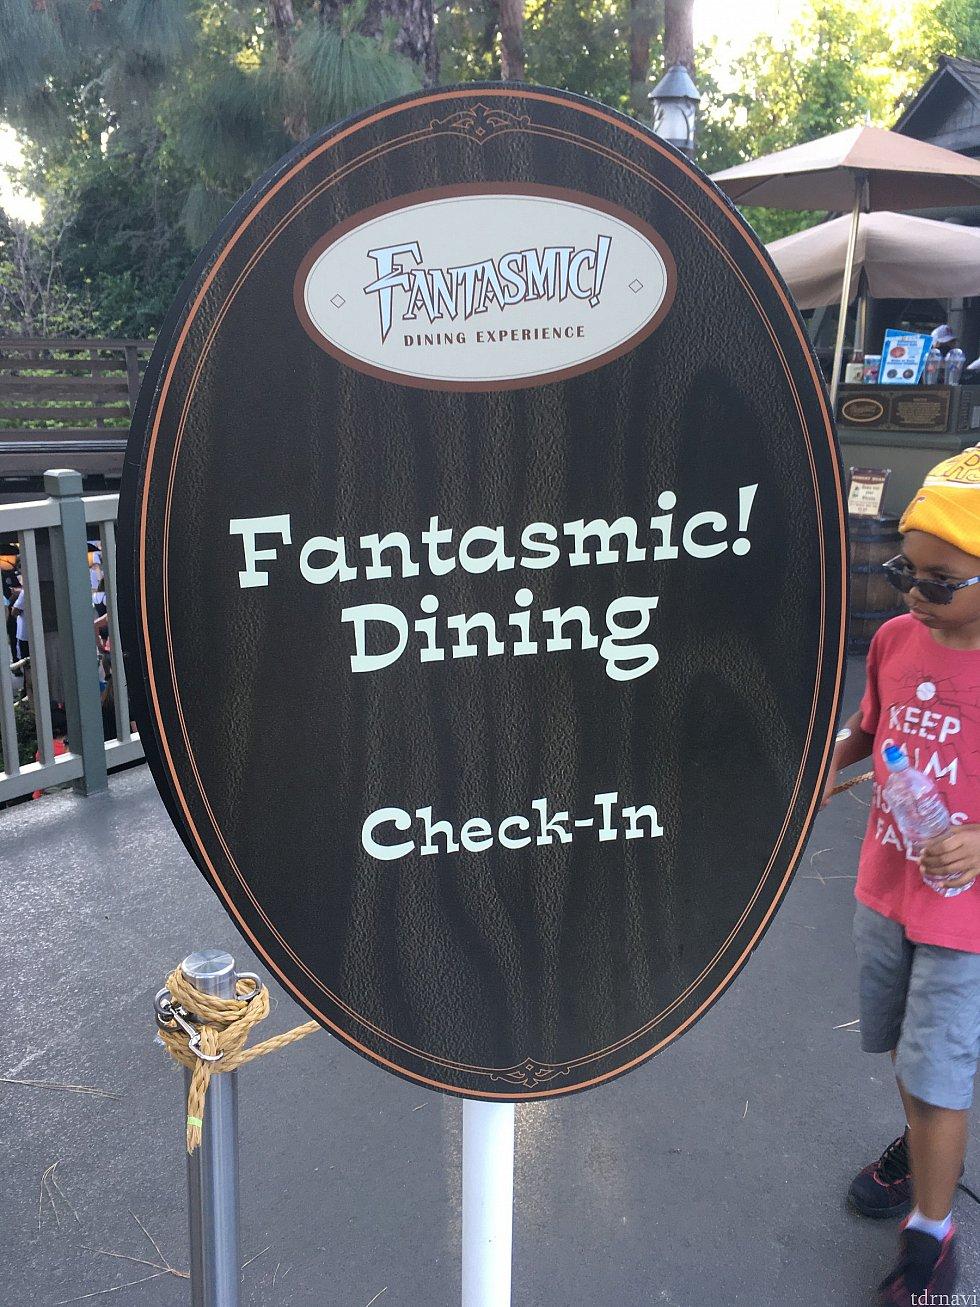 こちらのボードが立っているレーンに並んで支払います。 (2018年6月7日の時点ではレストランの入口入ってすぐ左でした)